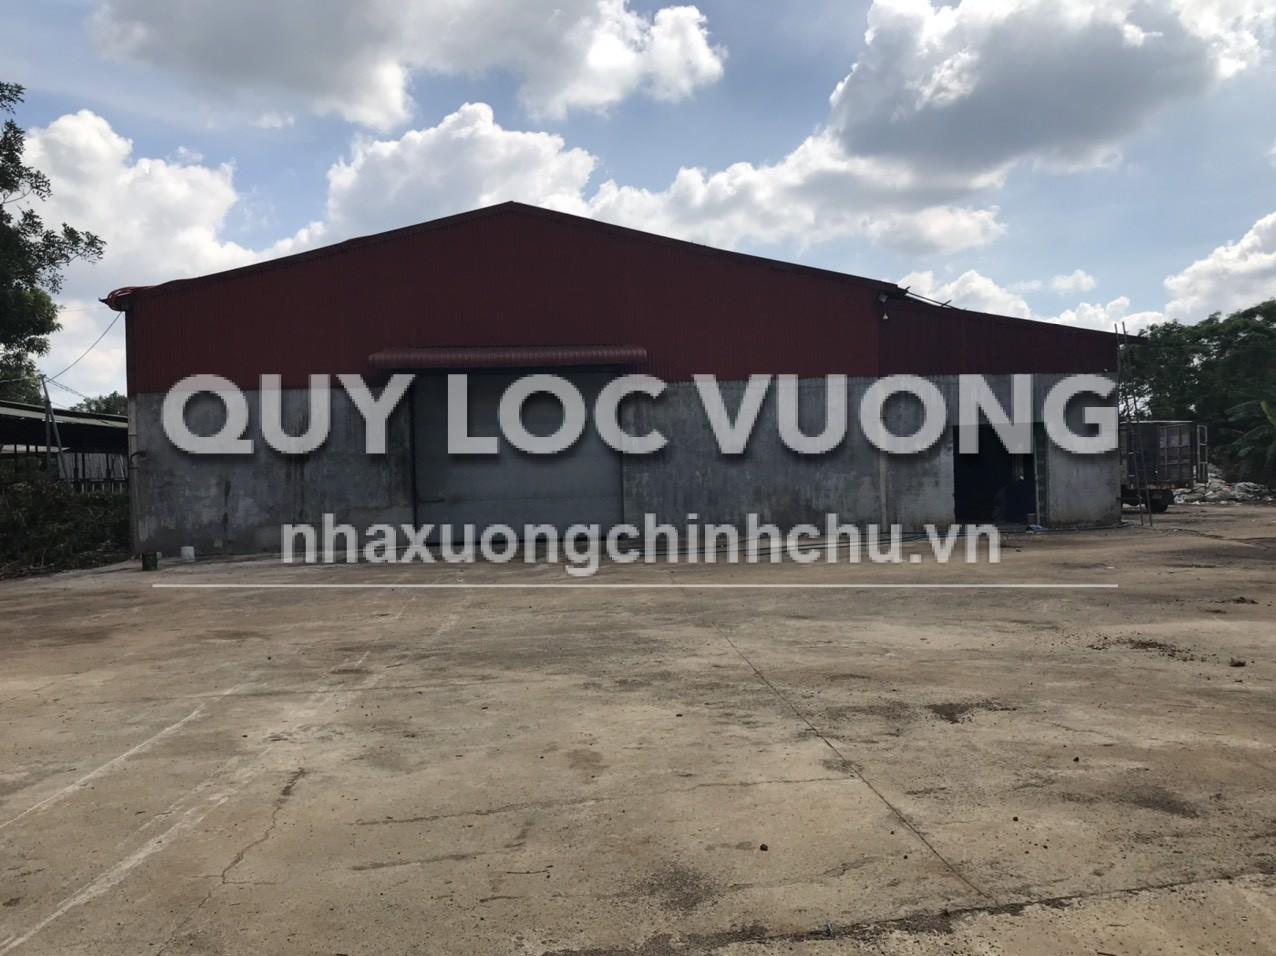 Cho thuê nhà xưởng khu vực thành phố Long Khánh Đồng Nai rộng 1.000m2